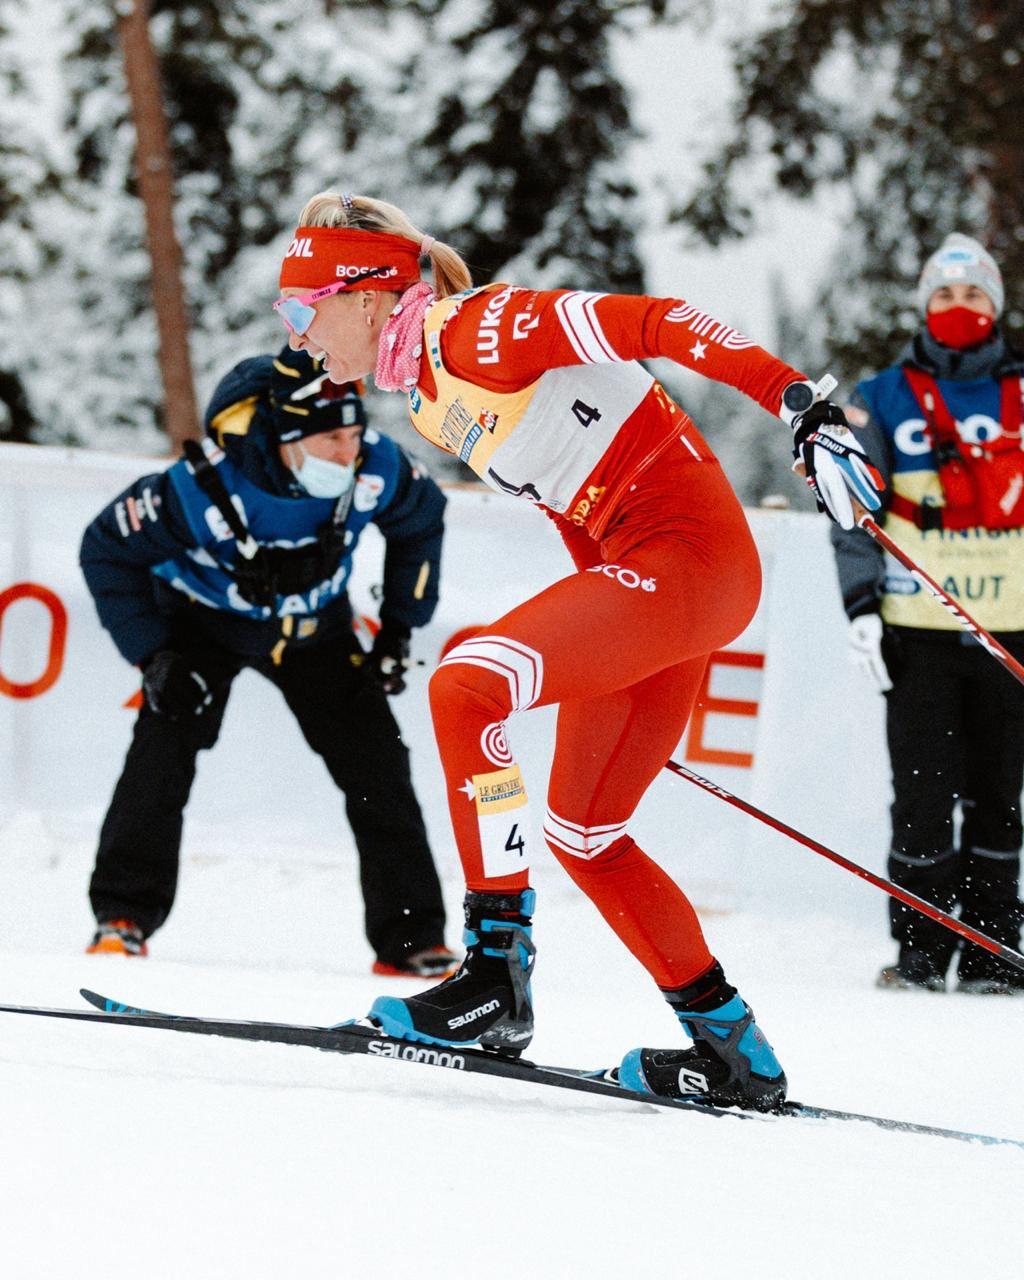 На этом подъеме Татьяна уходит в отрыв от шведок и финиширует со вторым результатом.